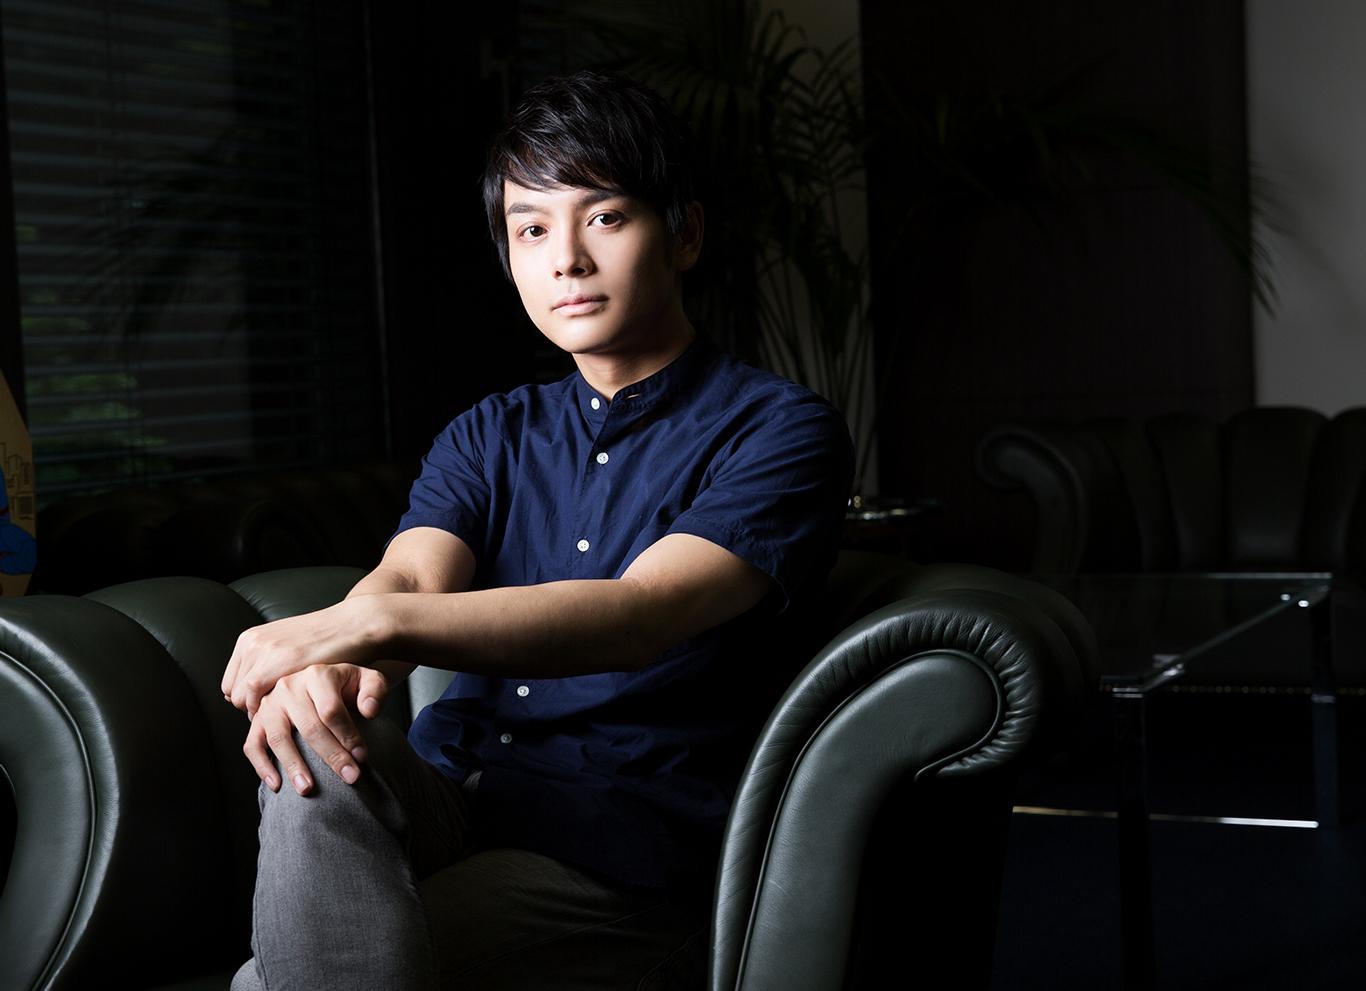 「号泣しながら録った」——声優・榎木淳弥が明かす映画『スパイダーマン』の収録秘話